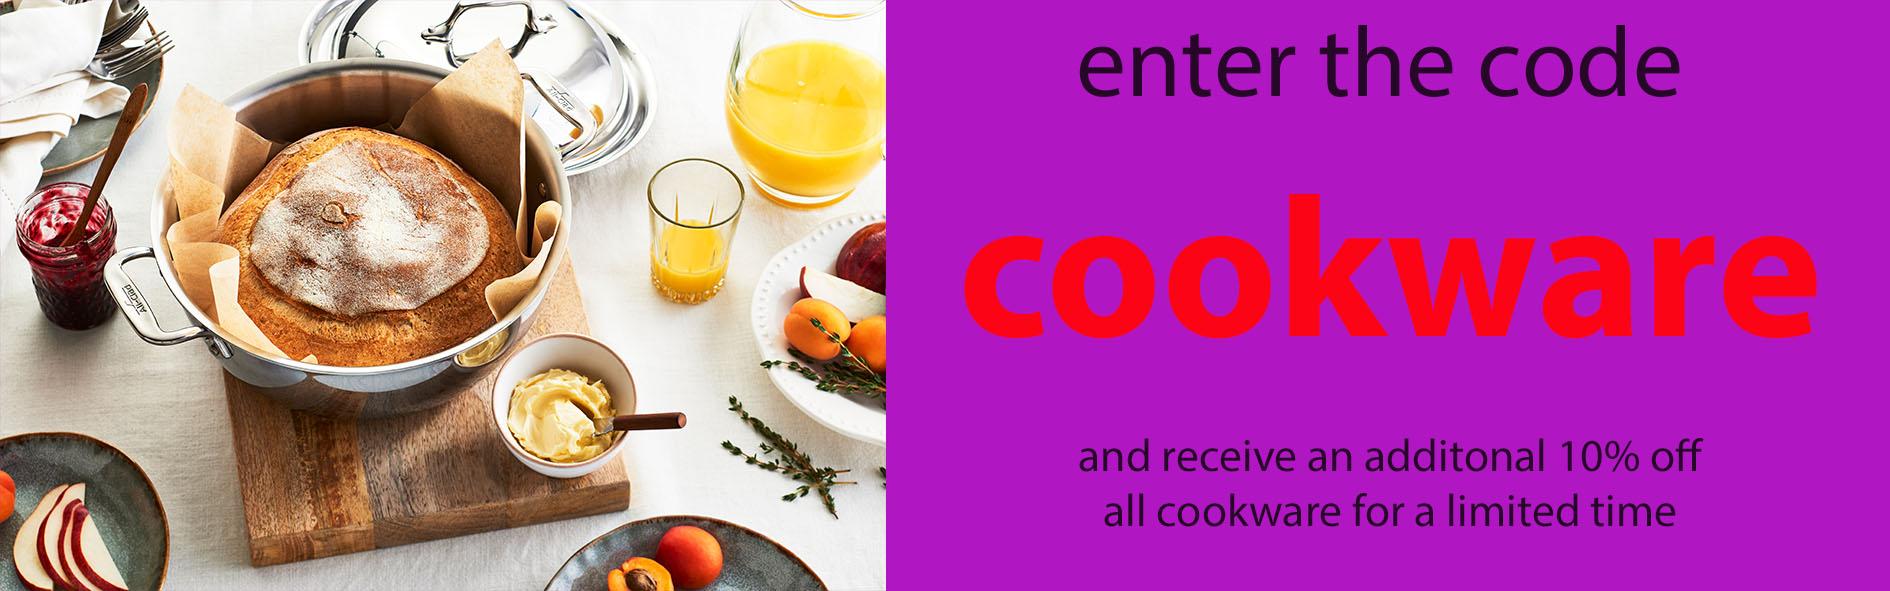 10-off-cookware-banner.jpg